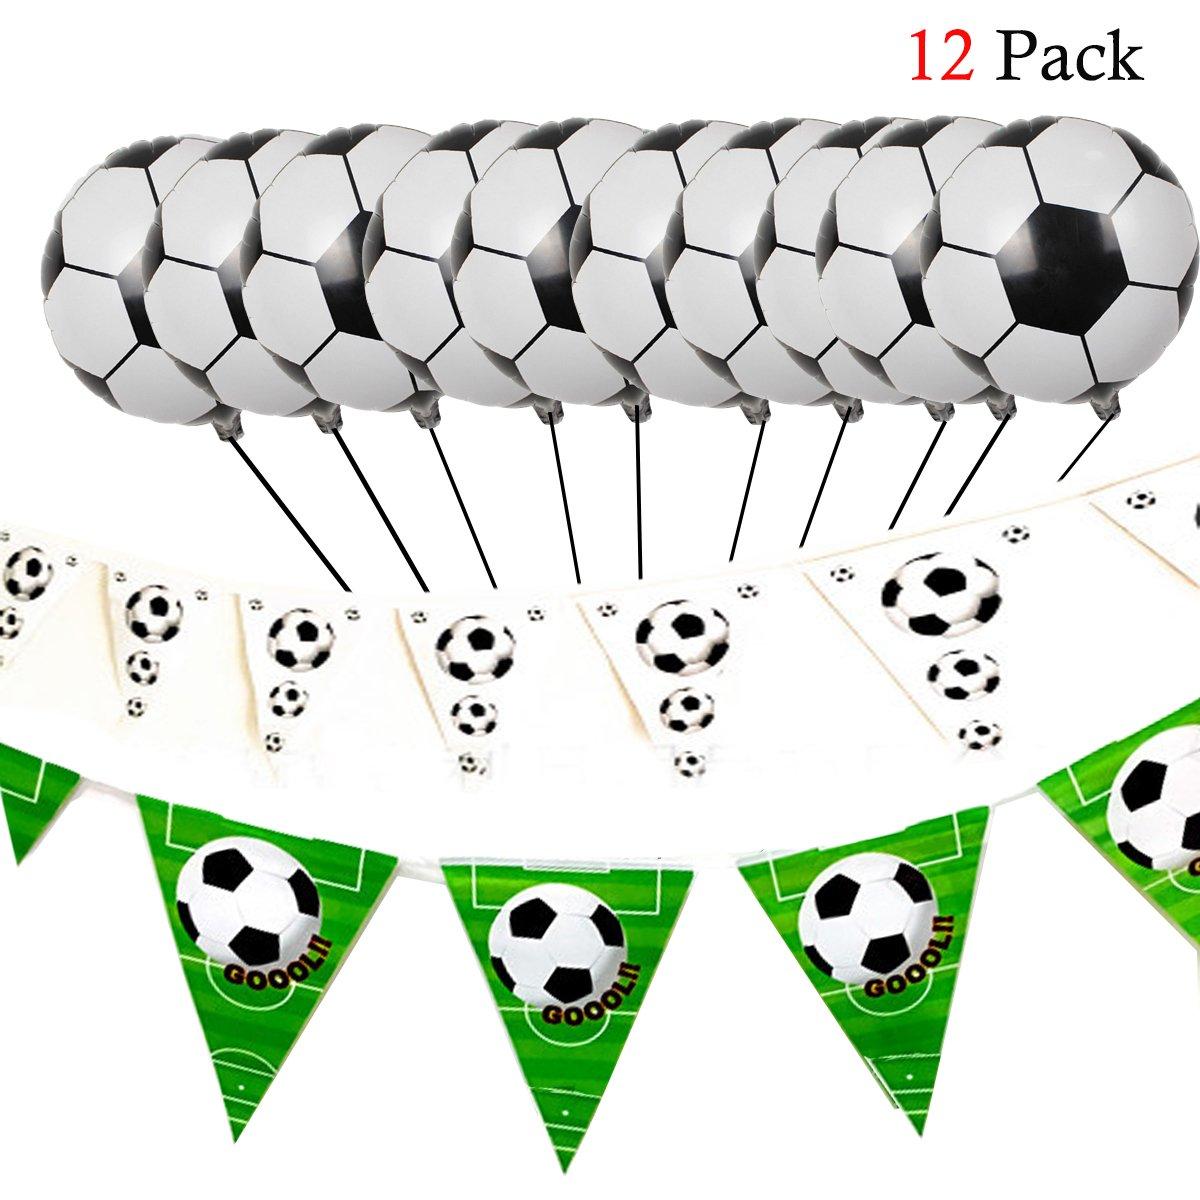 Hemore Decoración de Fútbol,Globos de Fútbol y Banderines de Cadena para la Fiesta de la Copa del Mundo, Fiesta Temática de Fútbol, y Otros ...